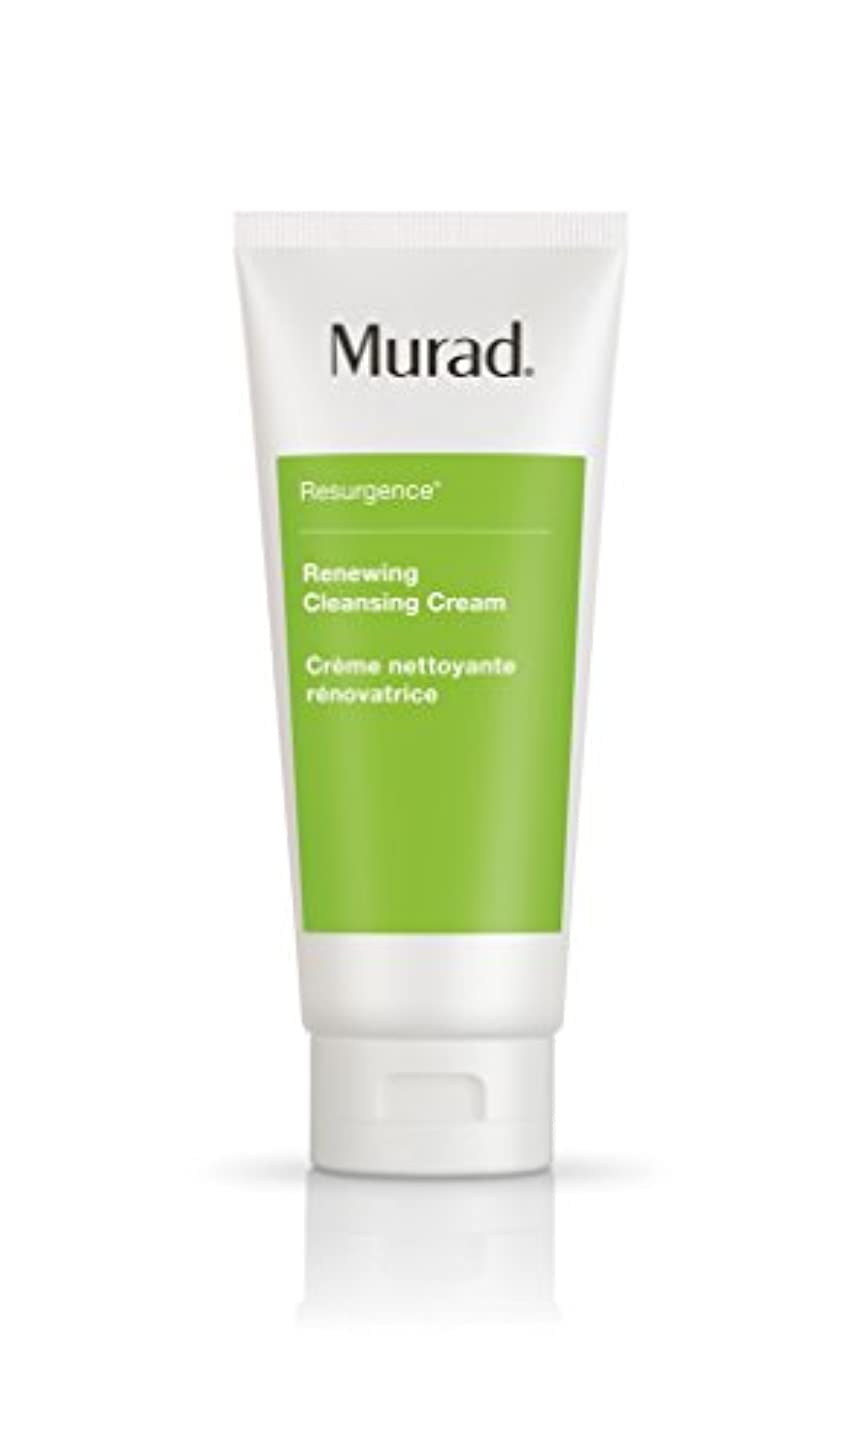 汚染メダリスト軽食Murad リサージェンス リニューイング クレンジング クリーム、1:クレンジング/トーニング、200 ミリリットル(6.75液用オンス)